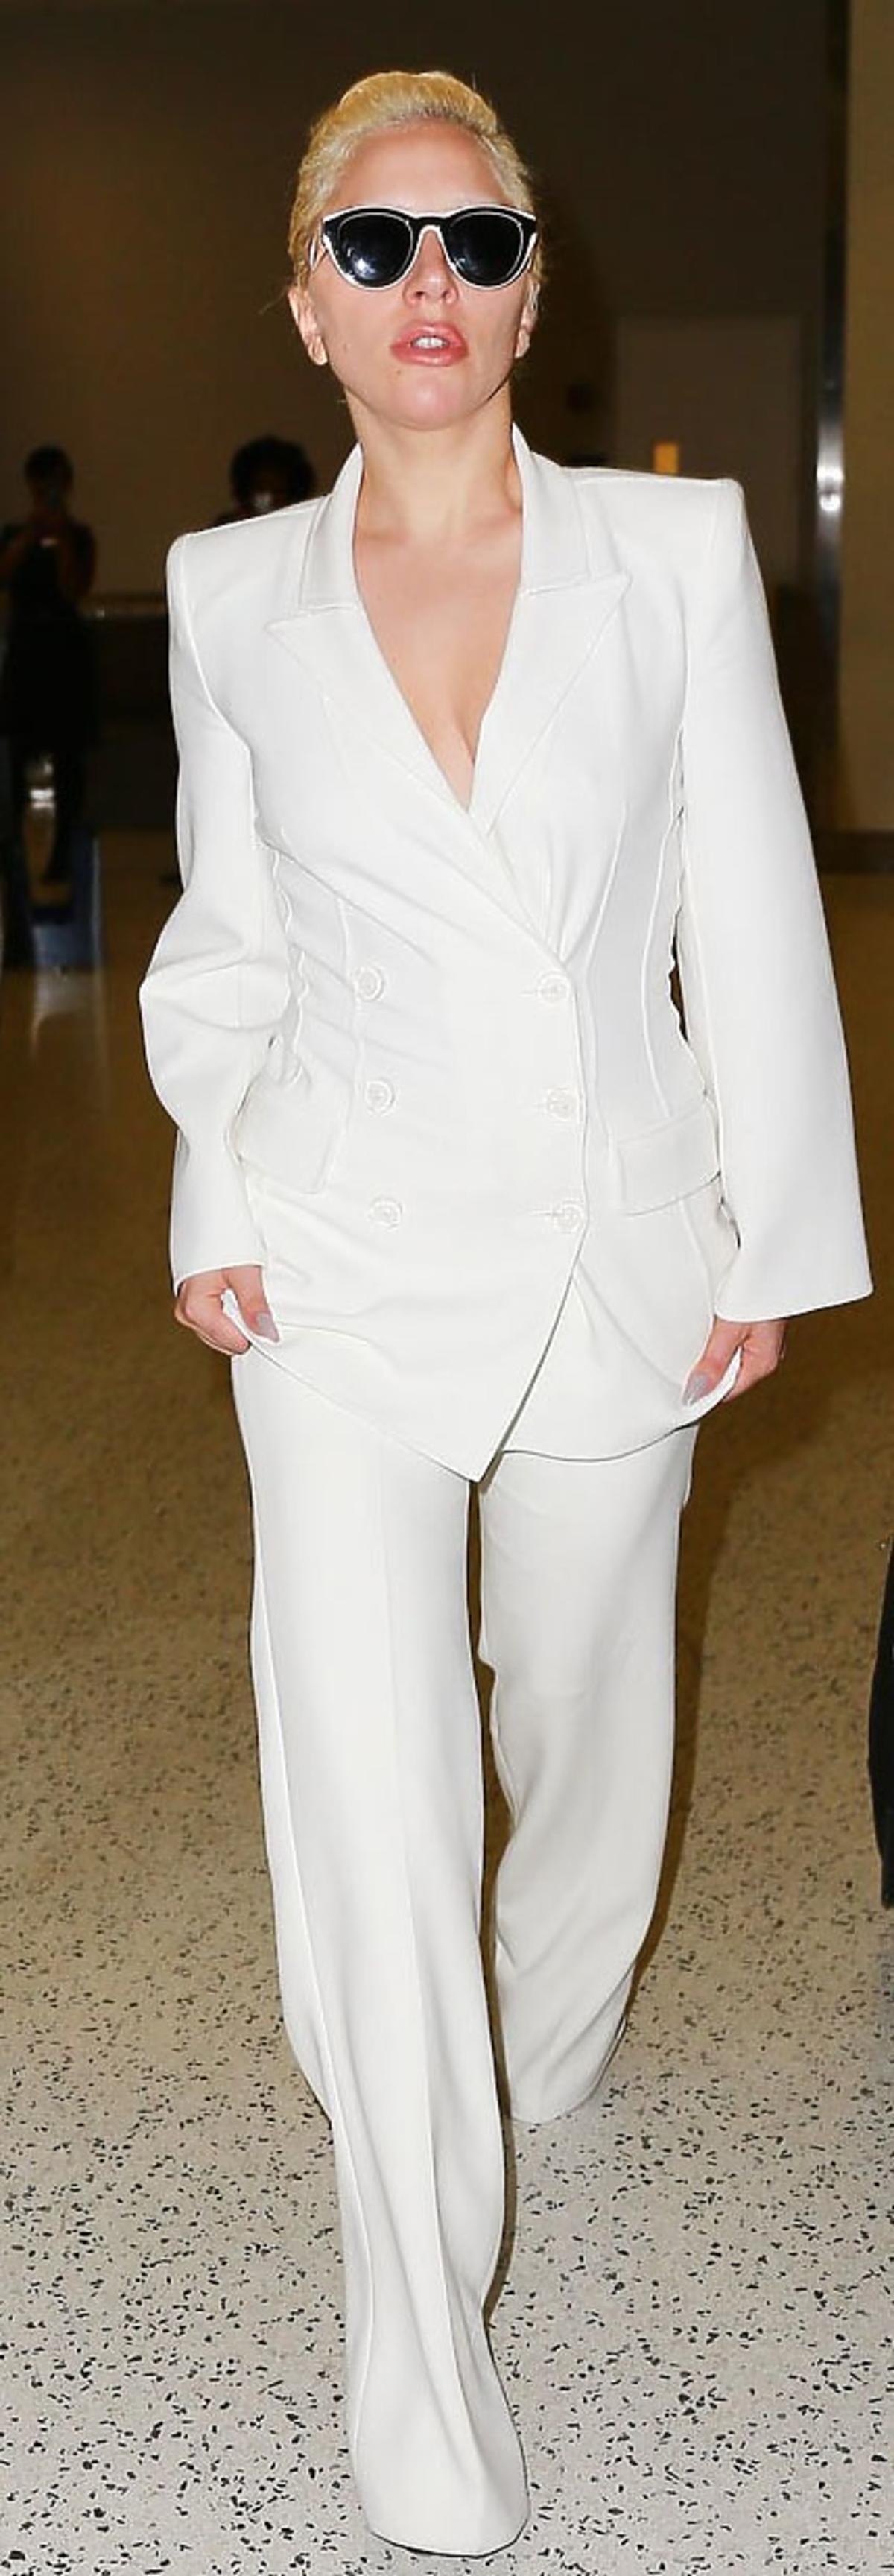 Lady Gaga w białym garniturze